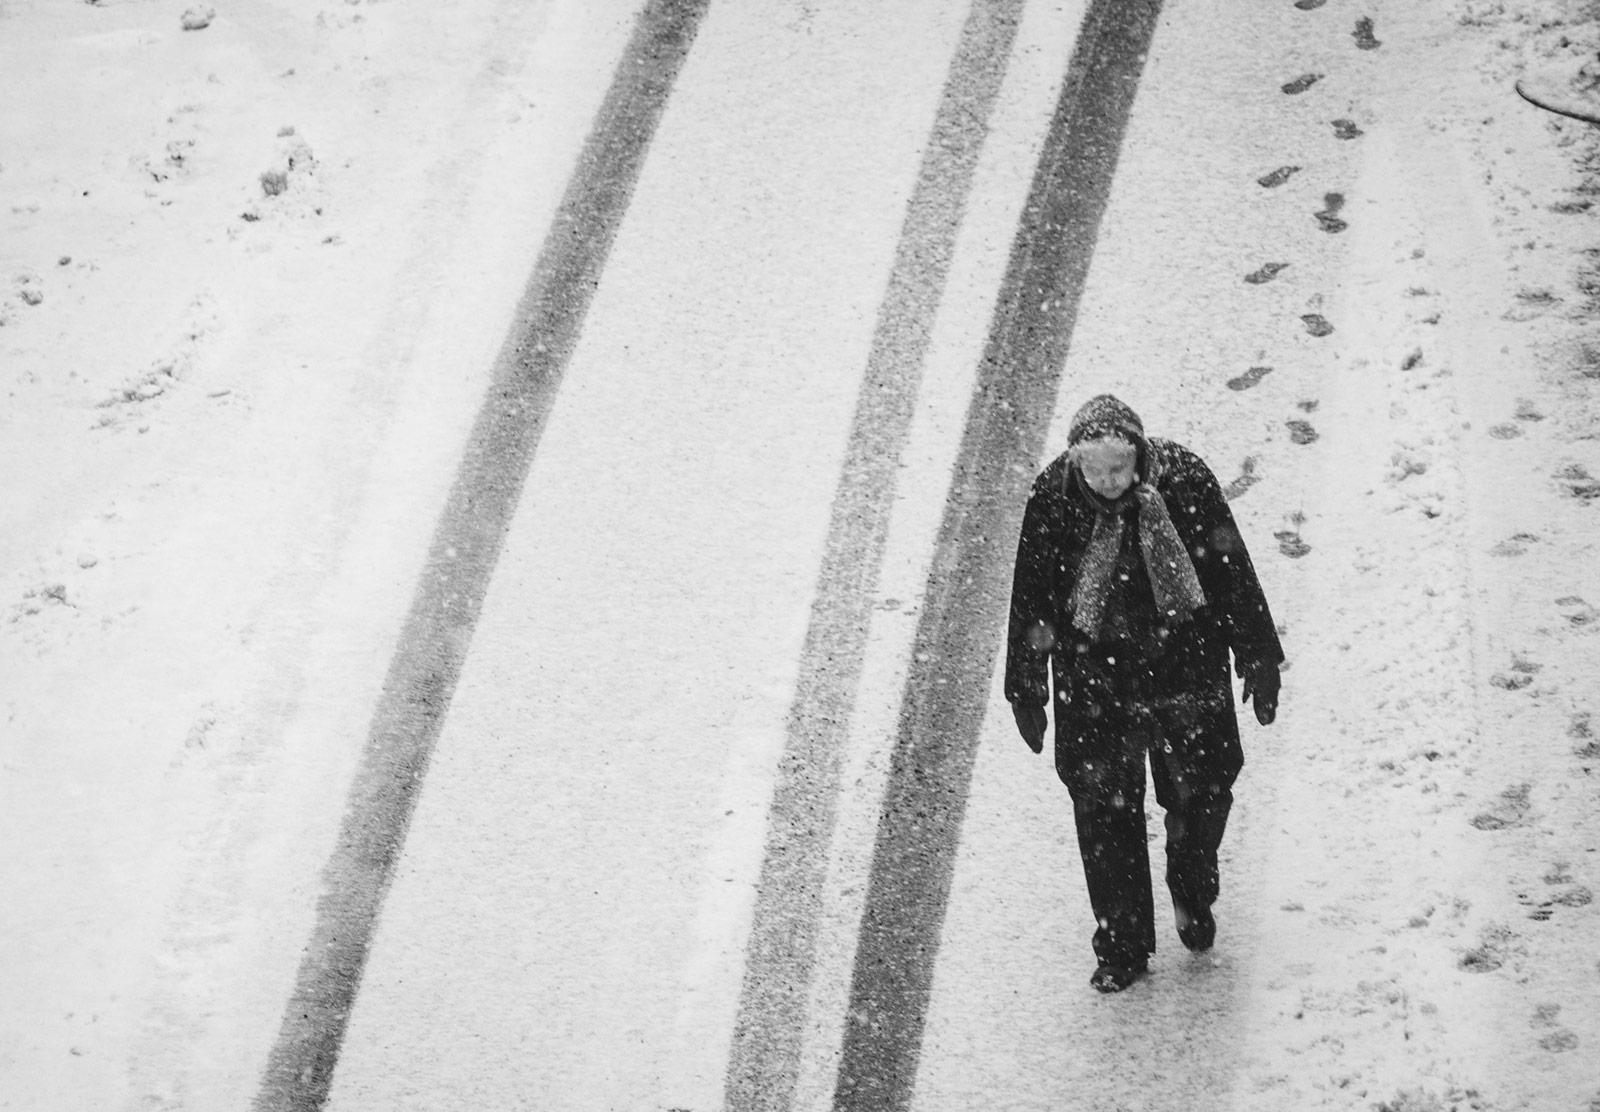 Elderly lady walking in snow